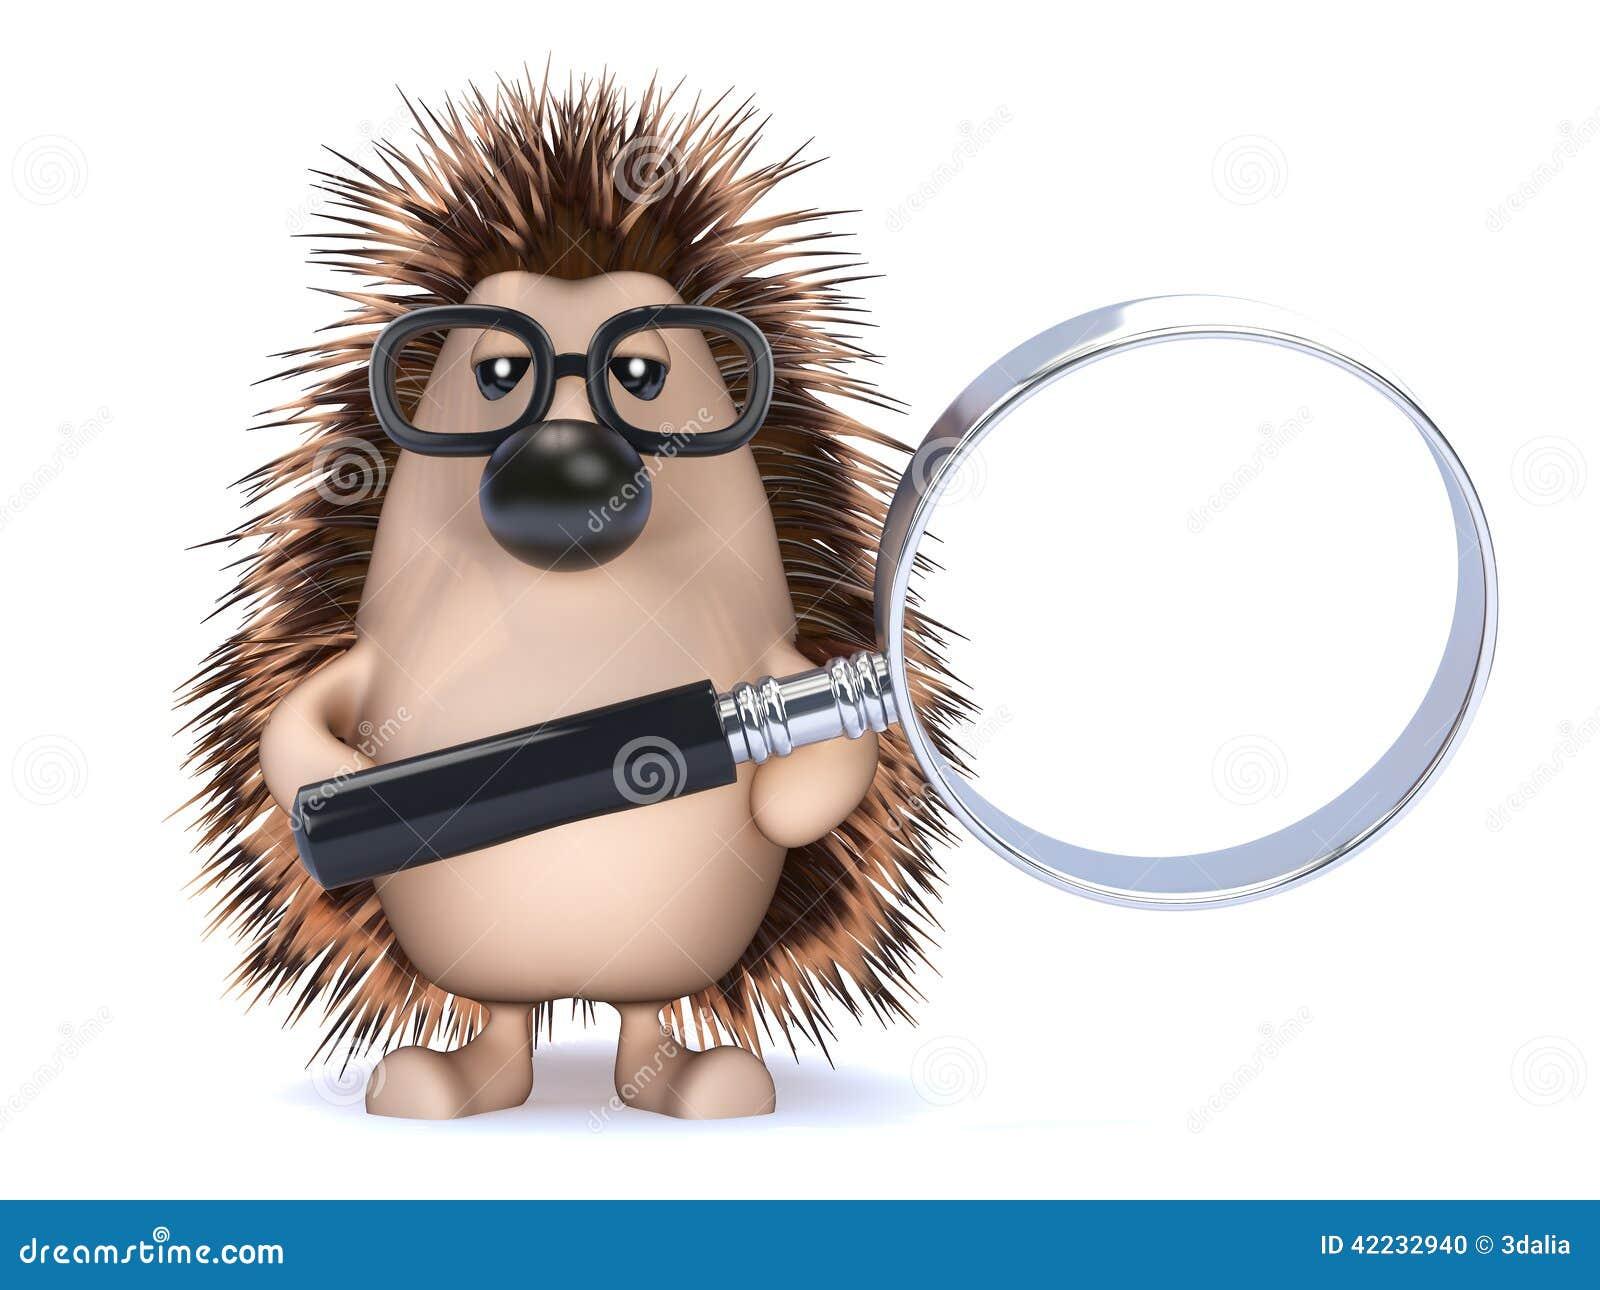 Hedgehog Web Design